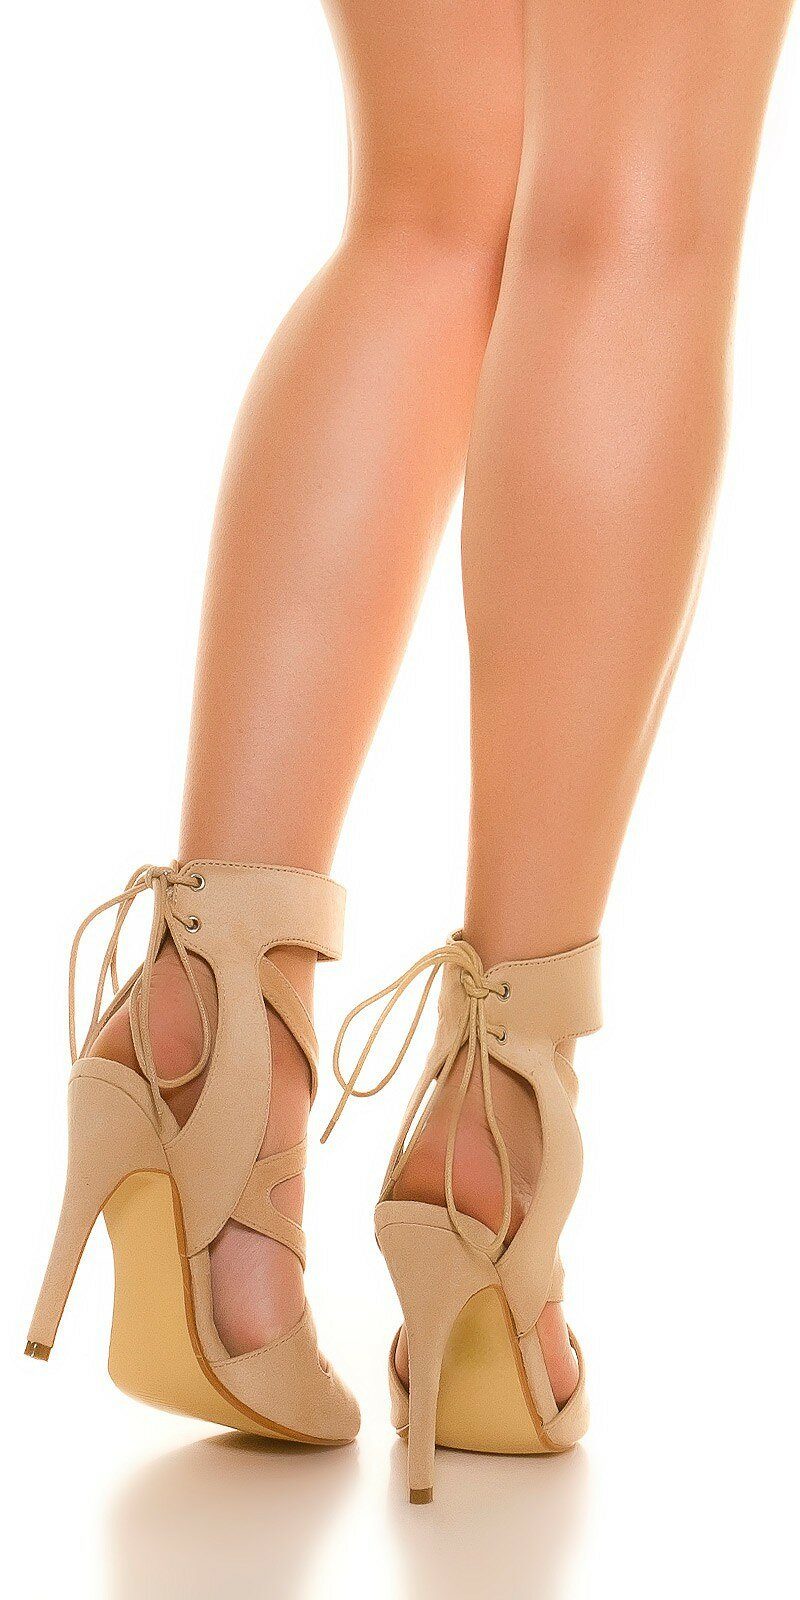 Dámske letné sandálky Béžová  Dámske letné sandálky Béžová ... 52397260314